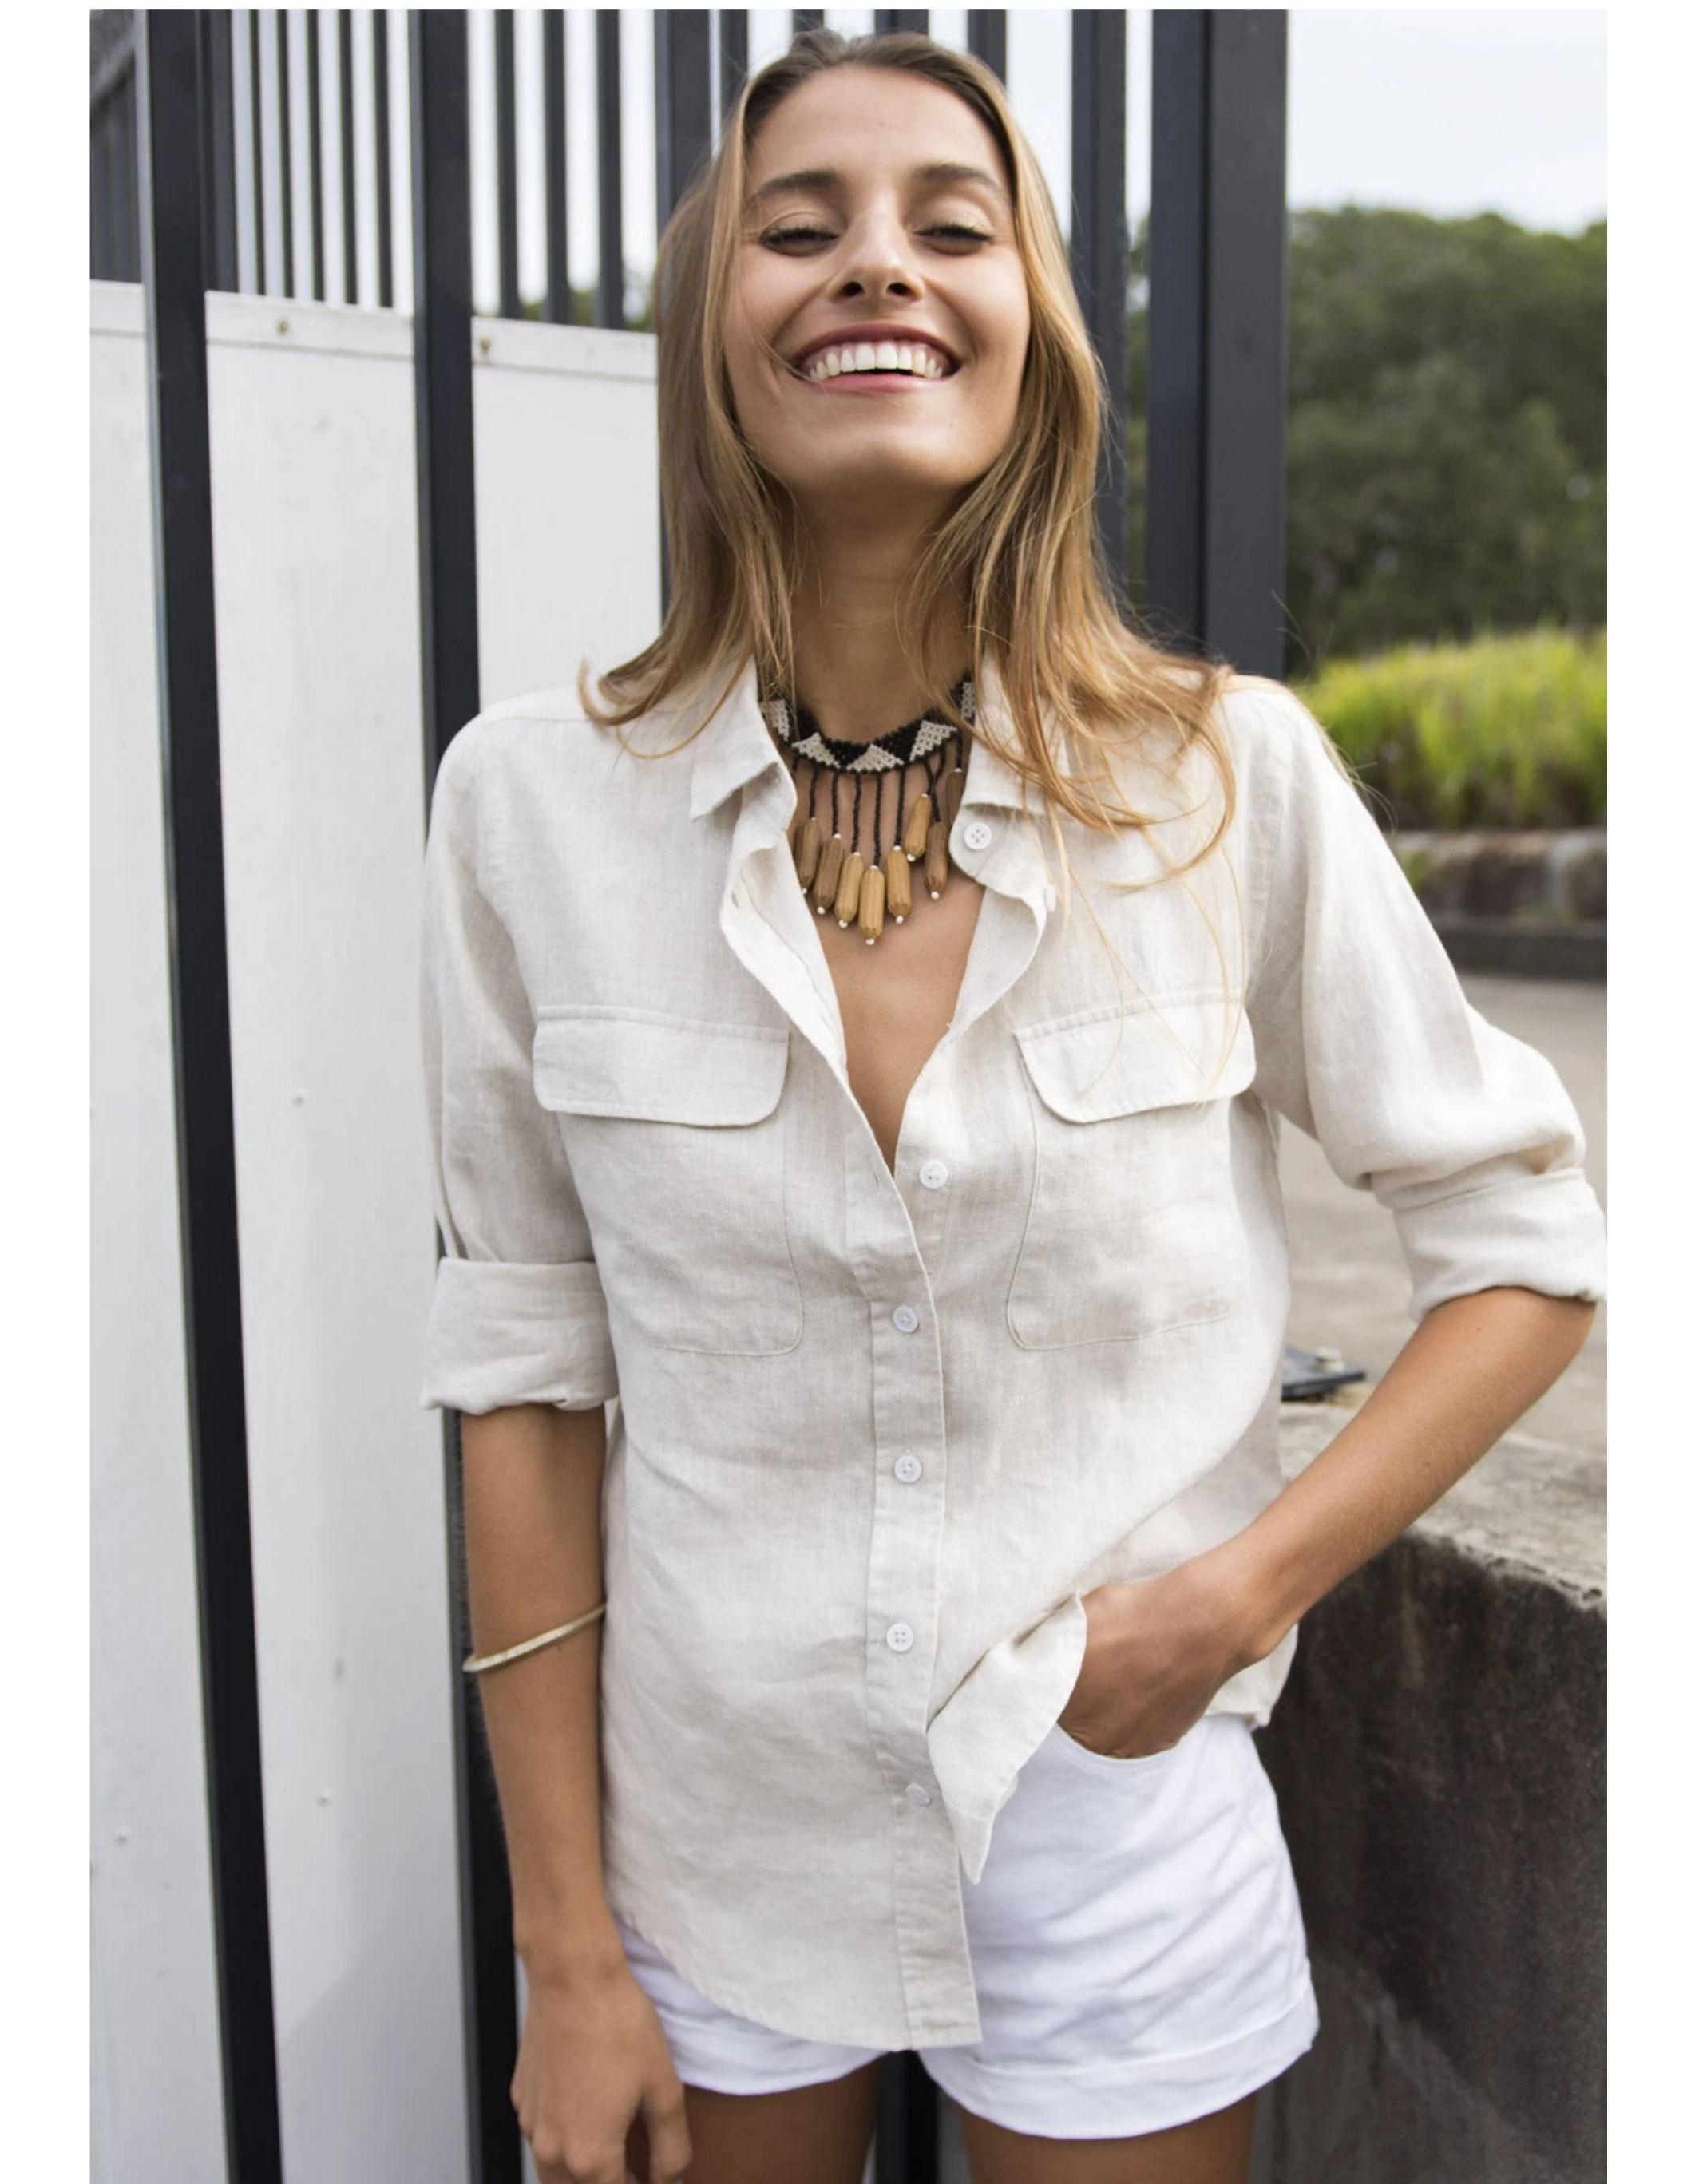 Best Linen Shirts For Women Light And Airy Picks For Summer Linen Shirt Outfit Fashion Linen Shirts Women [ 2736 x 2113 Pixel ]